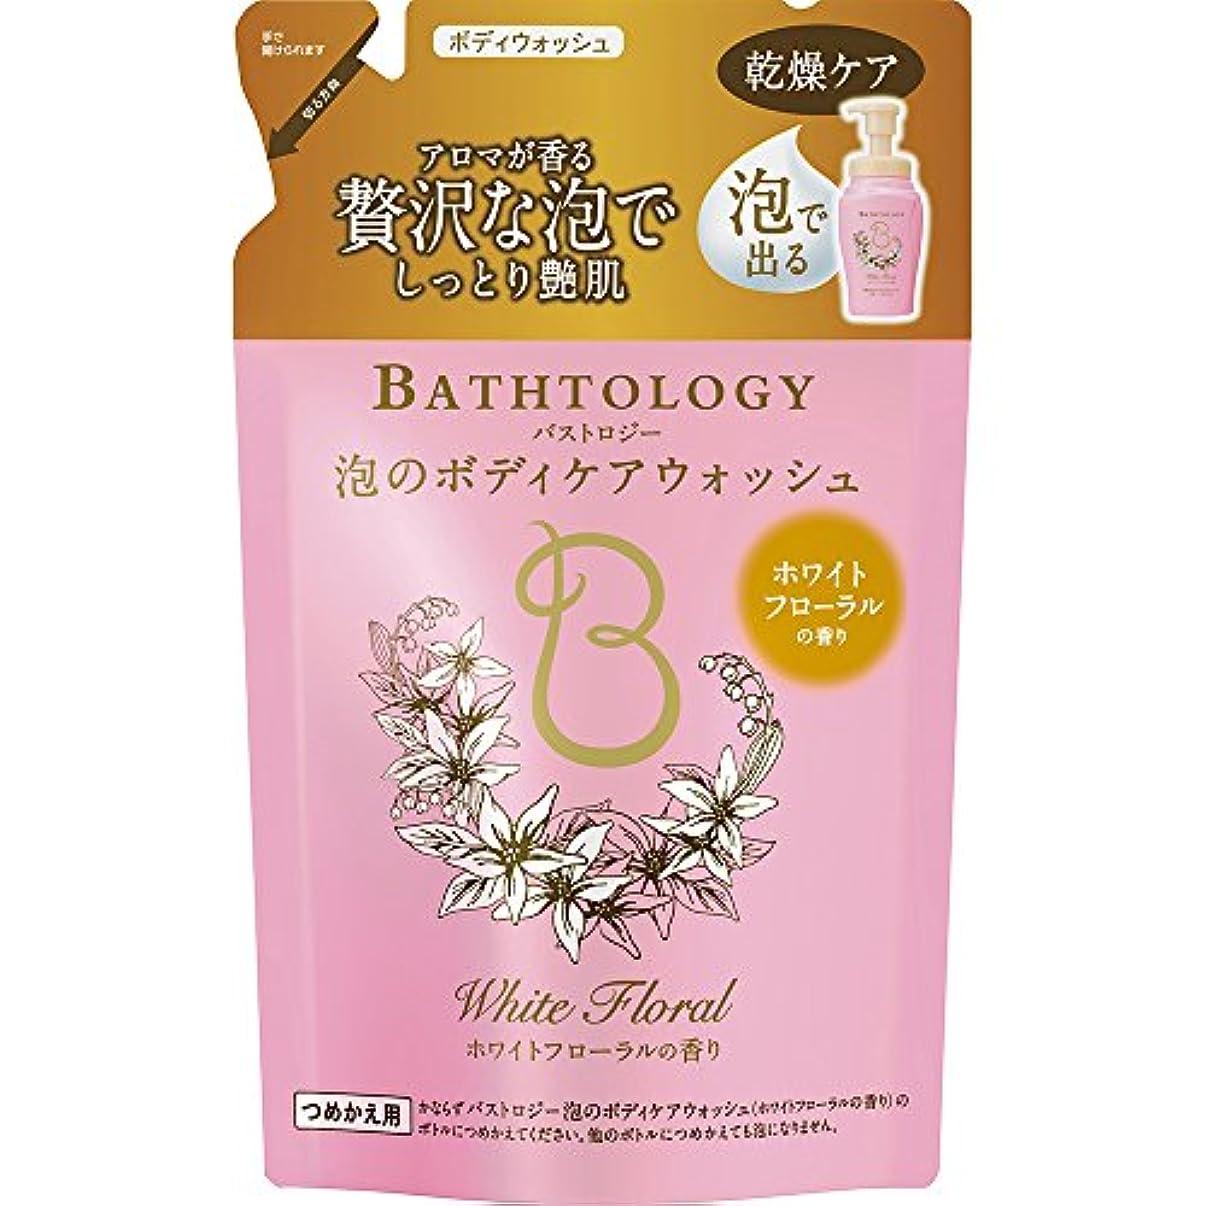 モトリー文字することになっているBATHTOLOGY 泡のボディケアウォッシュ ホワイトフローラルの香り 詰め替え 350ml